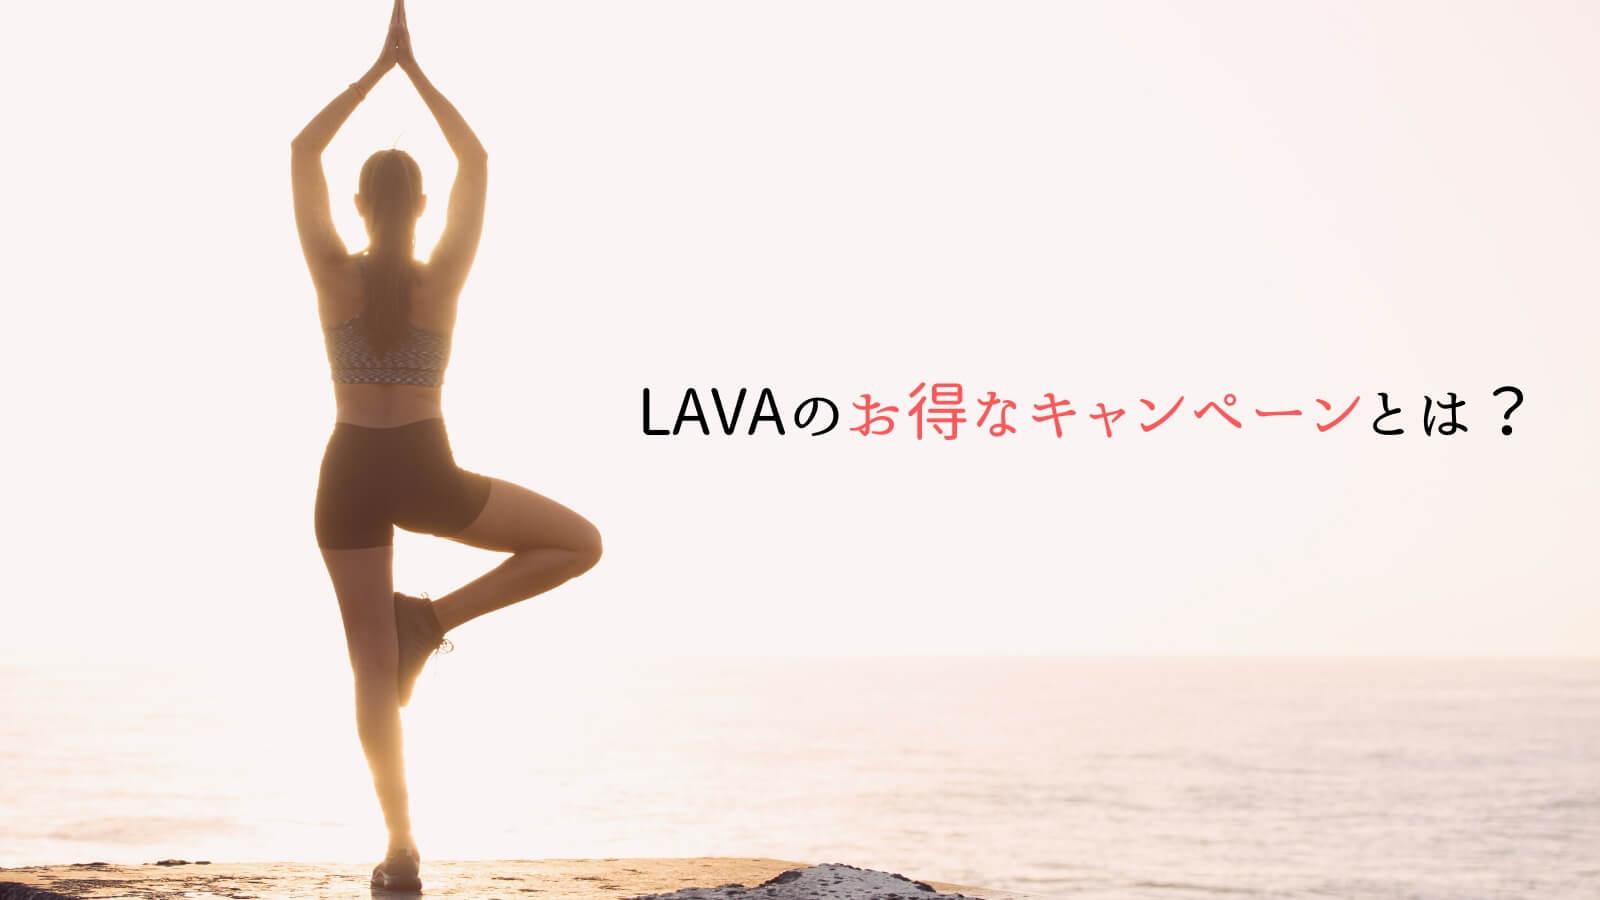 LAVA(ラバ)のお得なキャンペーンとは?